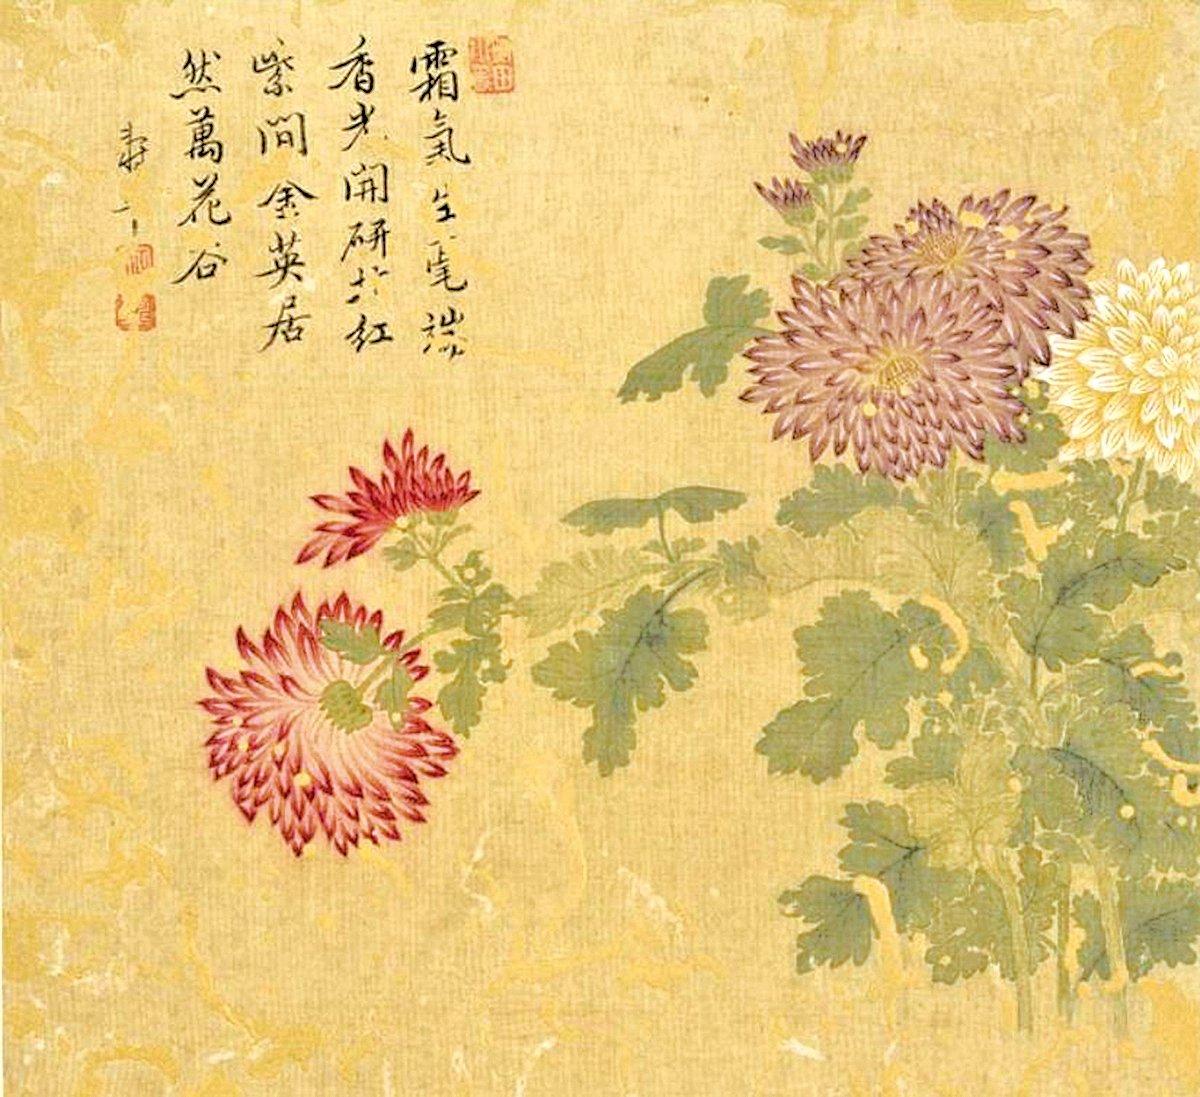 清惲壽平畫花卉  冊  菊花(公有領域)